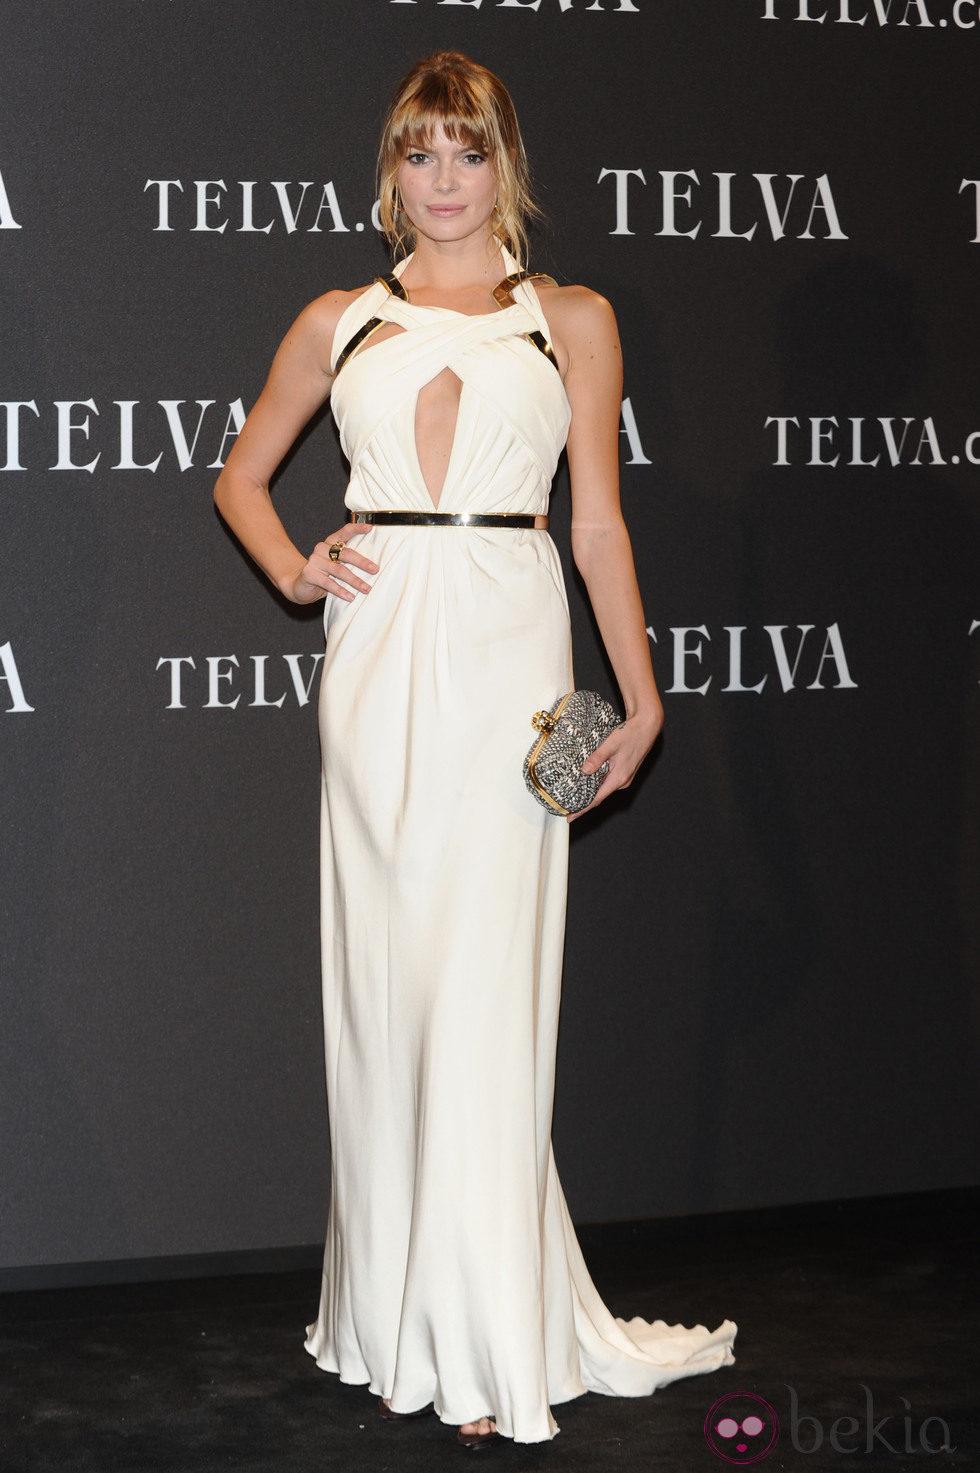 Cristina Tossío en los Premios T de Moda de Telva 2011